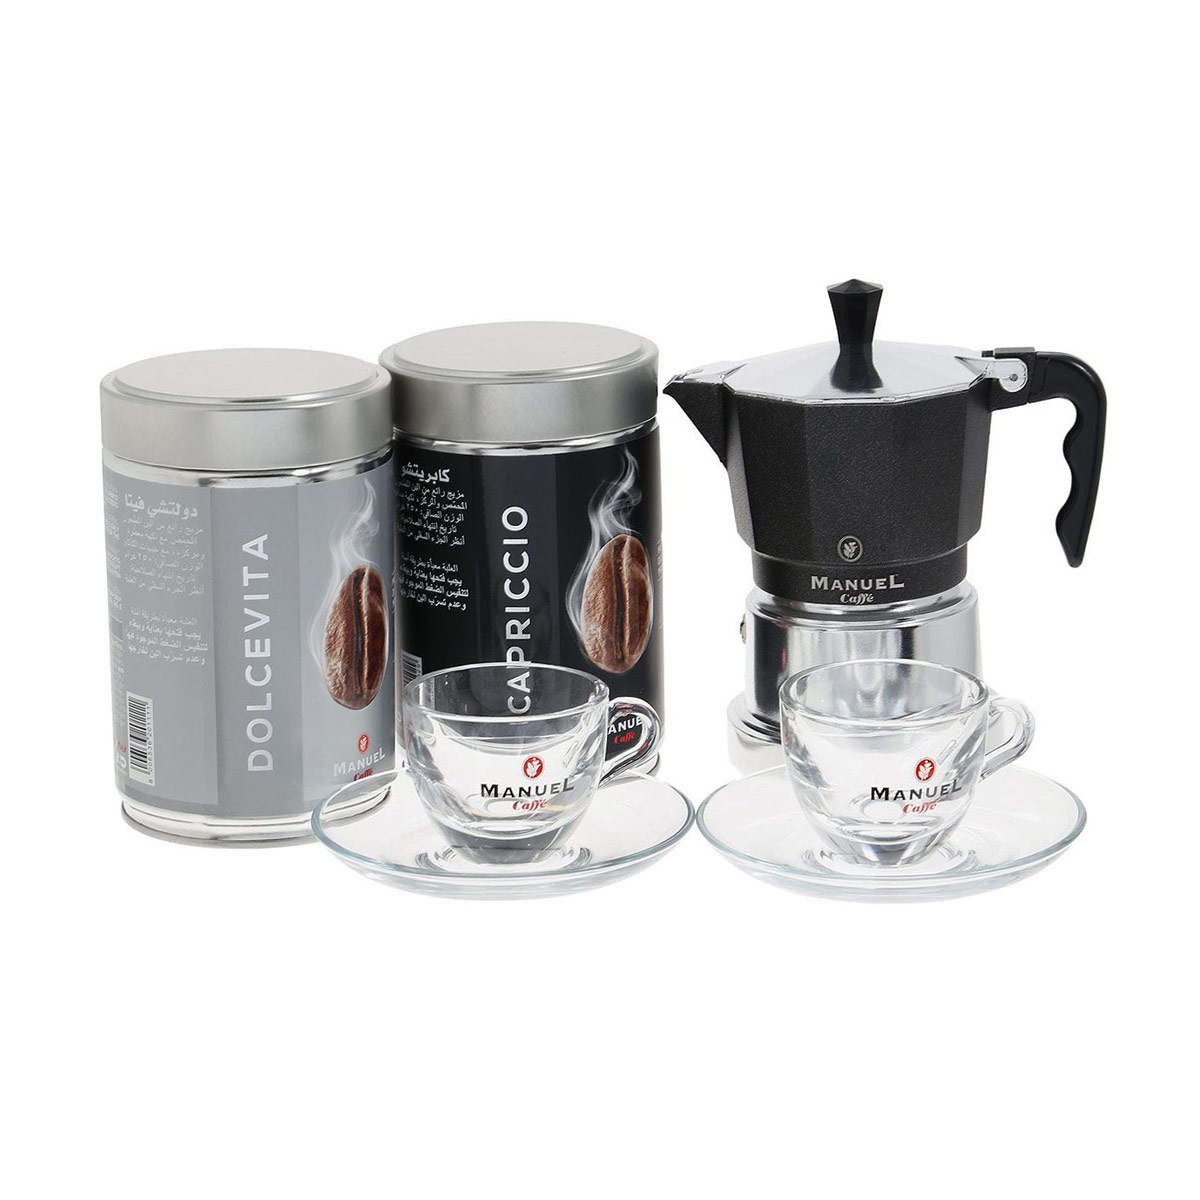 Manuel Caffe Gift Box Black подарочный набор молотого кофе